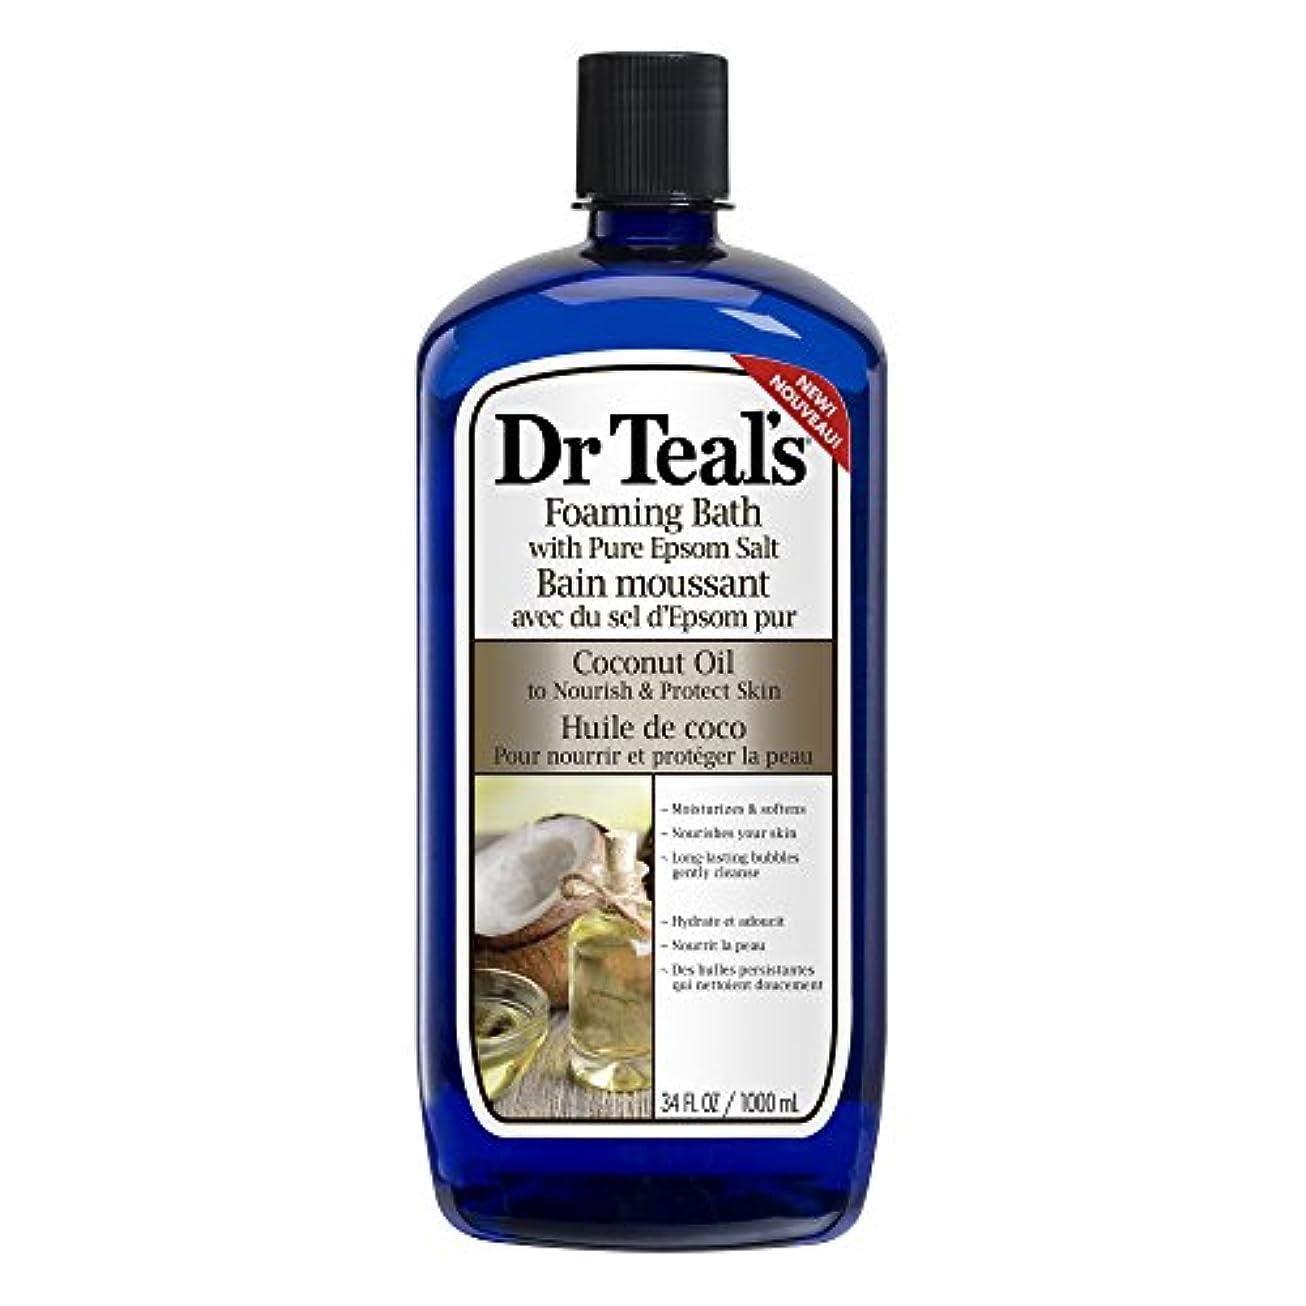 ビリーヤギかすれた地区Dr Teal's 博士Tealsココナッツオイルフォーミングバス、34オンス